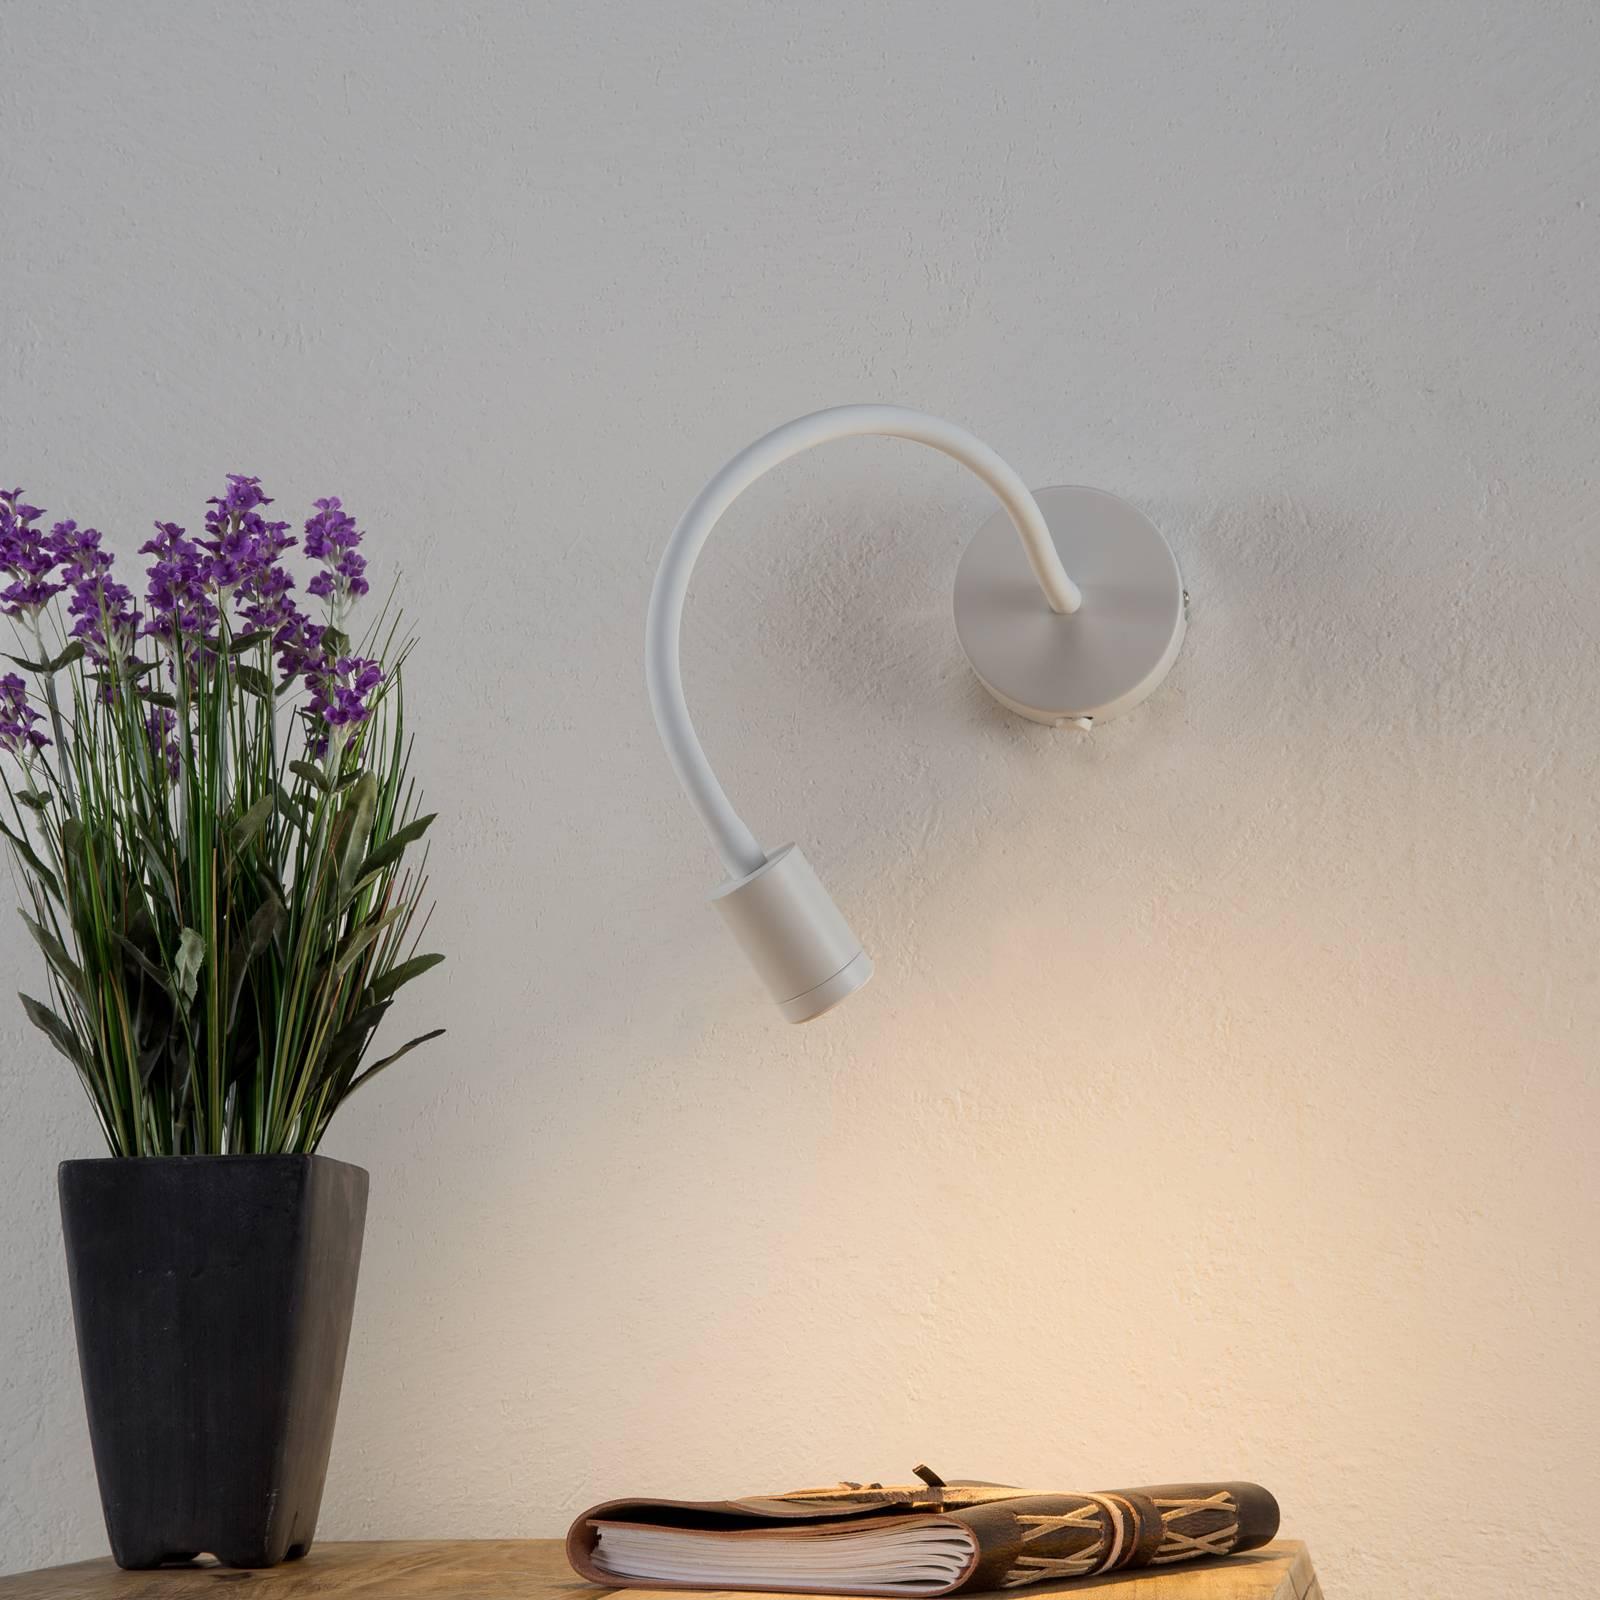 Flexible LED-Wandleuchte Focus, weiß günstig online kaufen